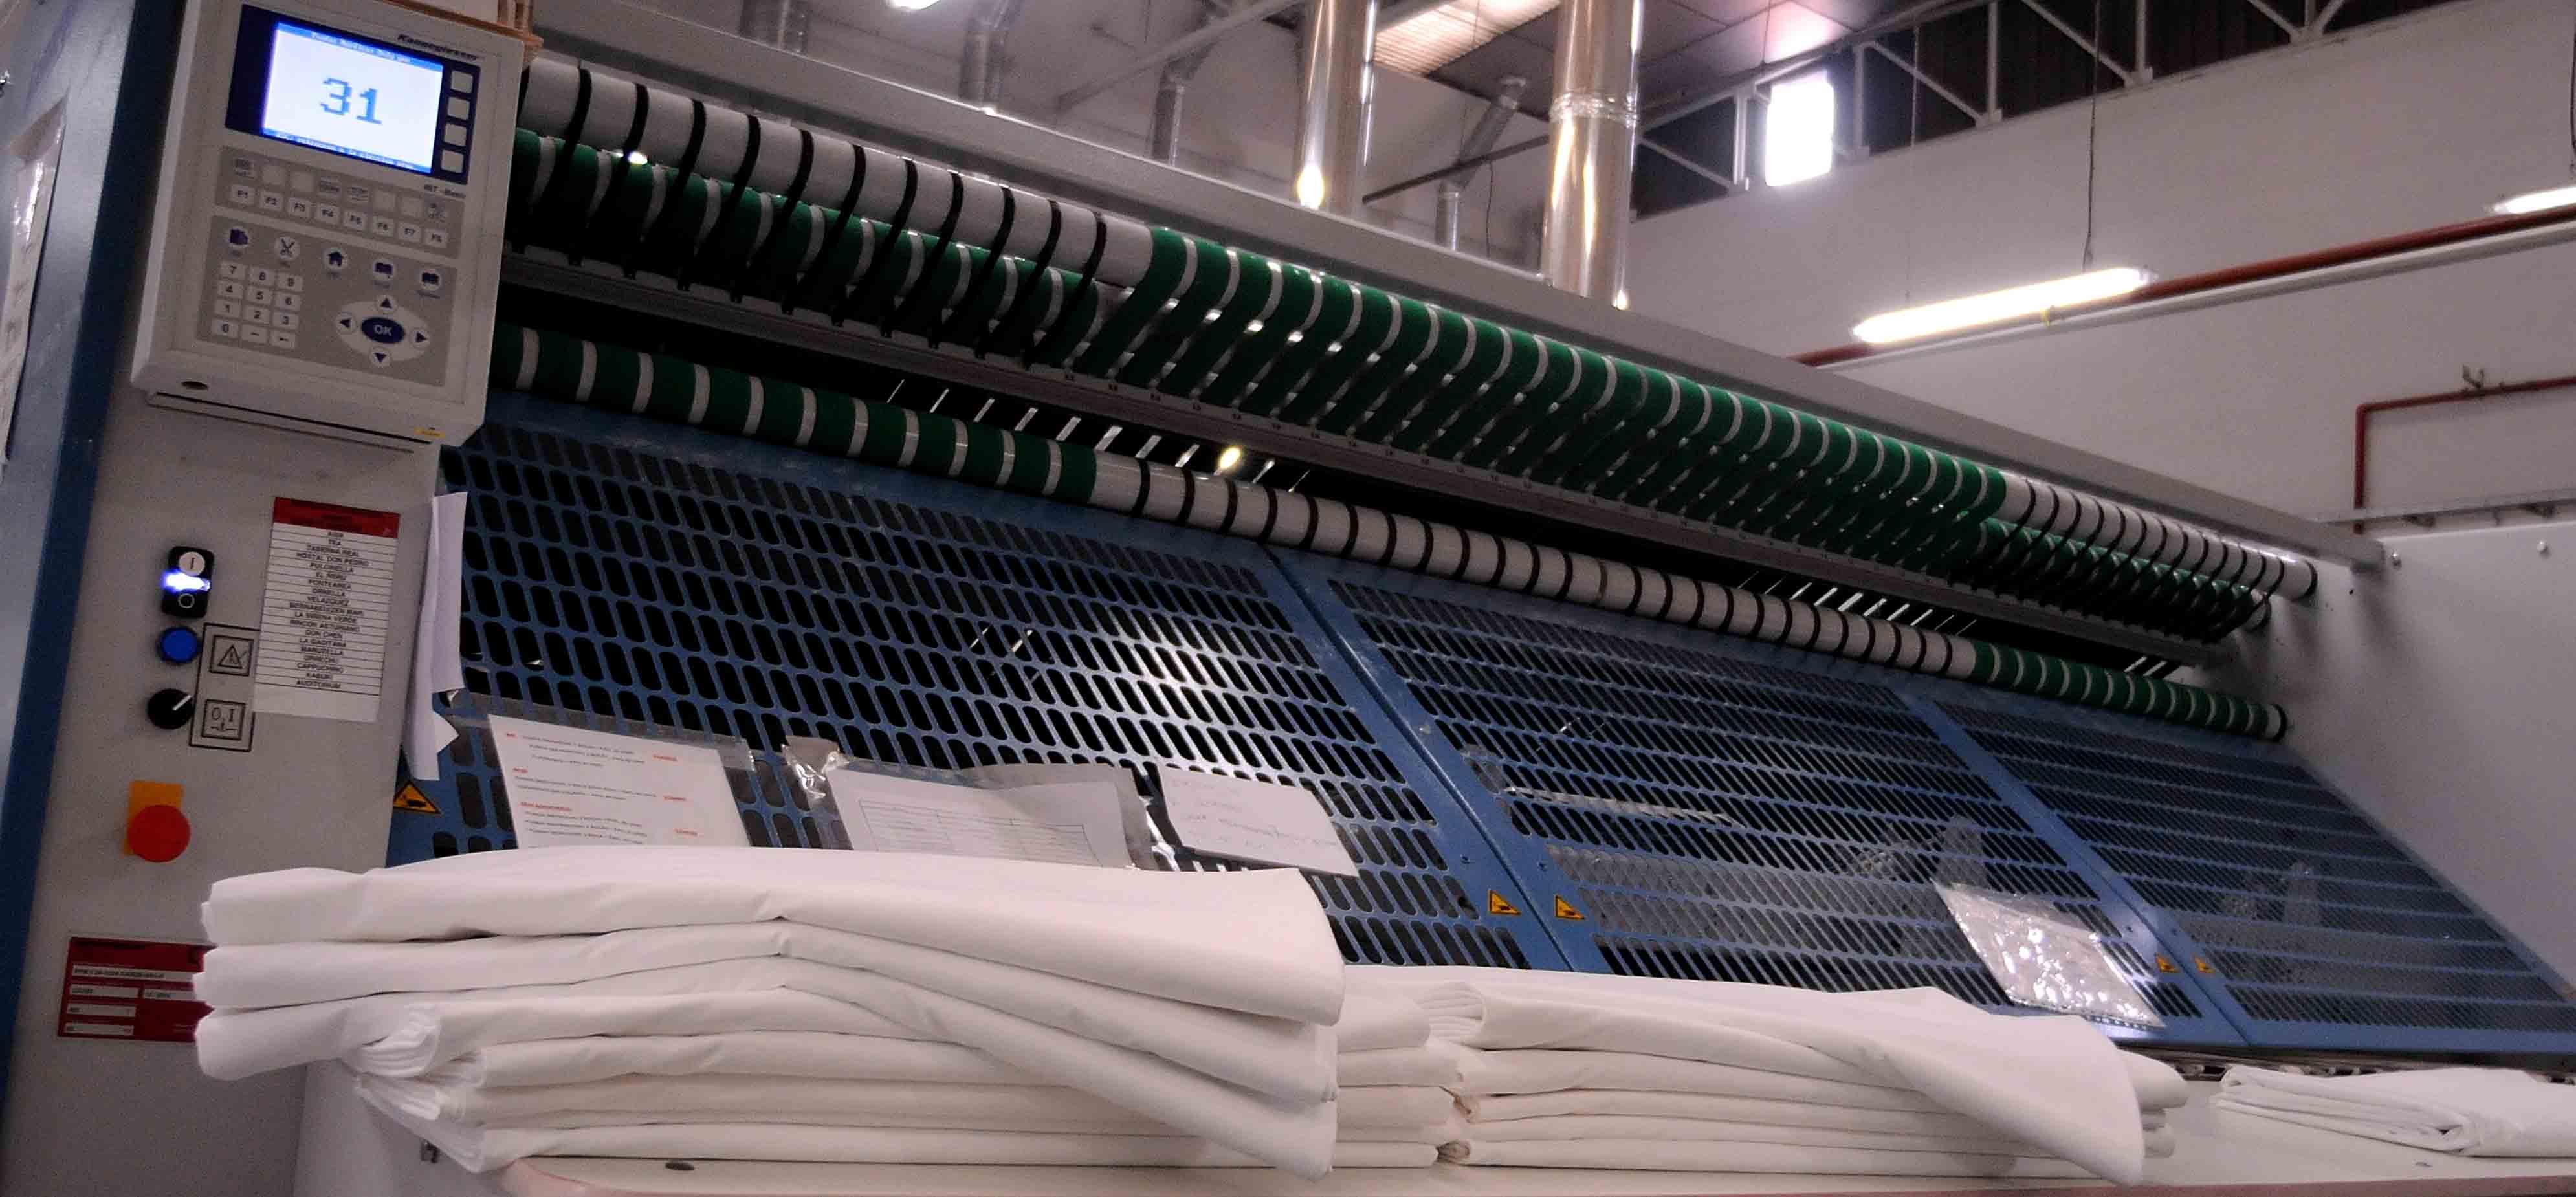 Lavandería Industrial Madrid